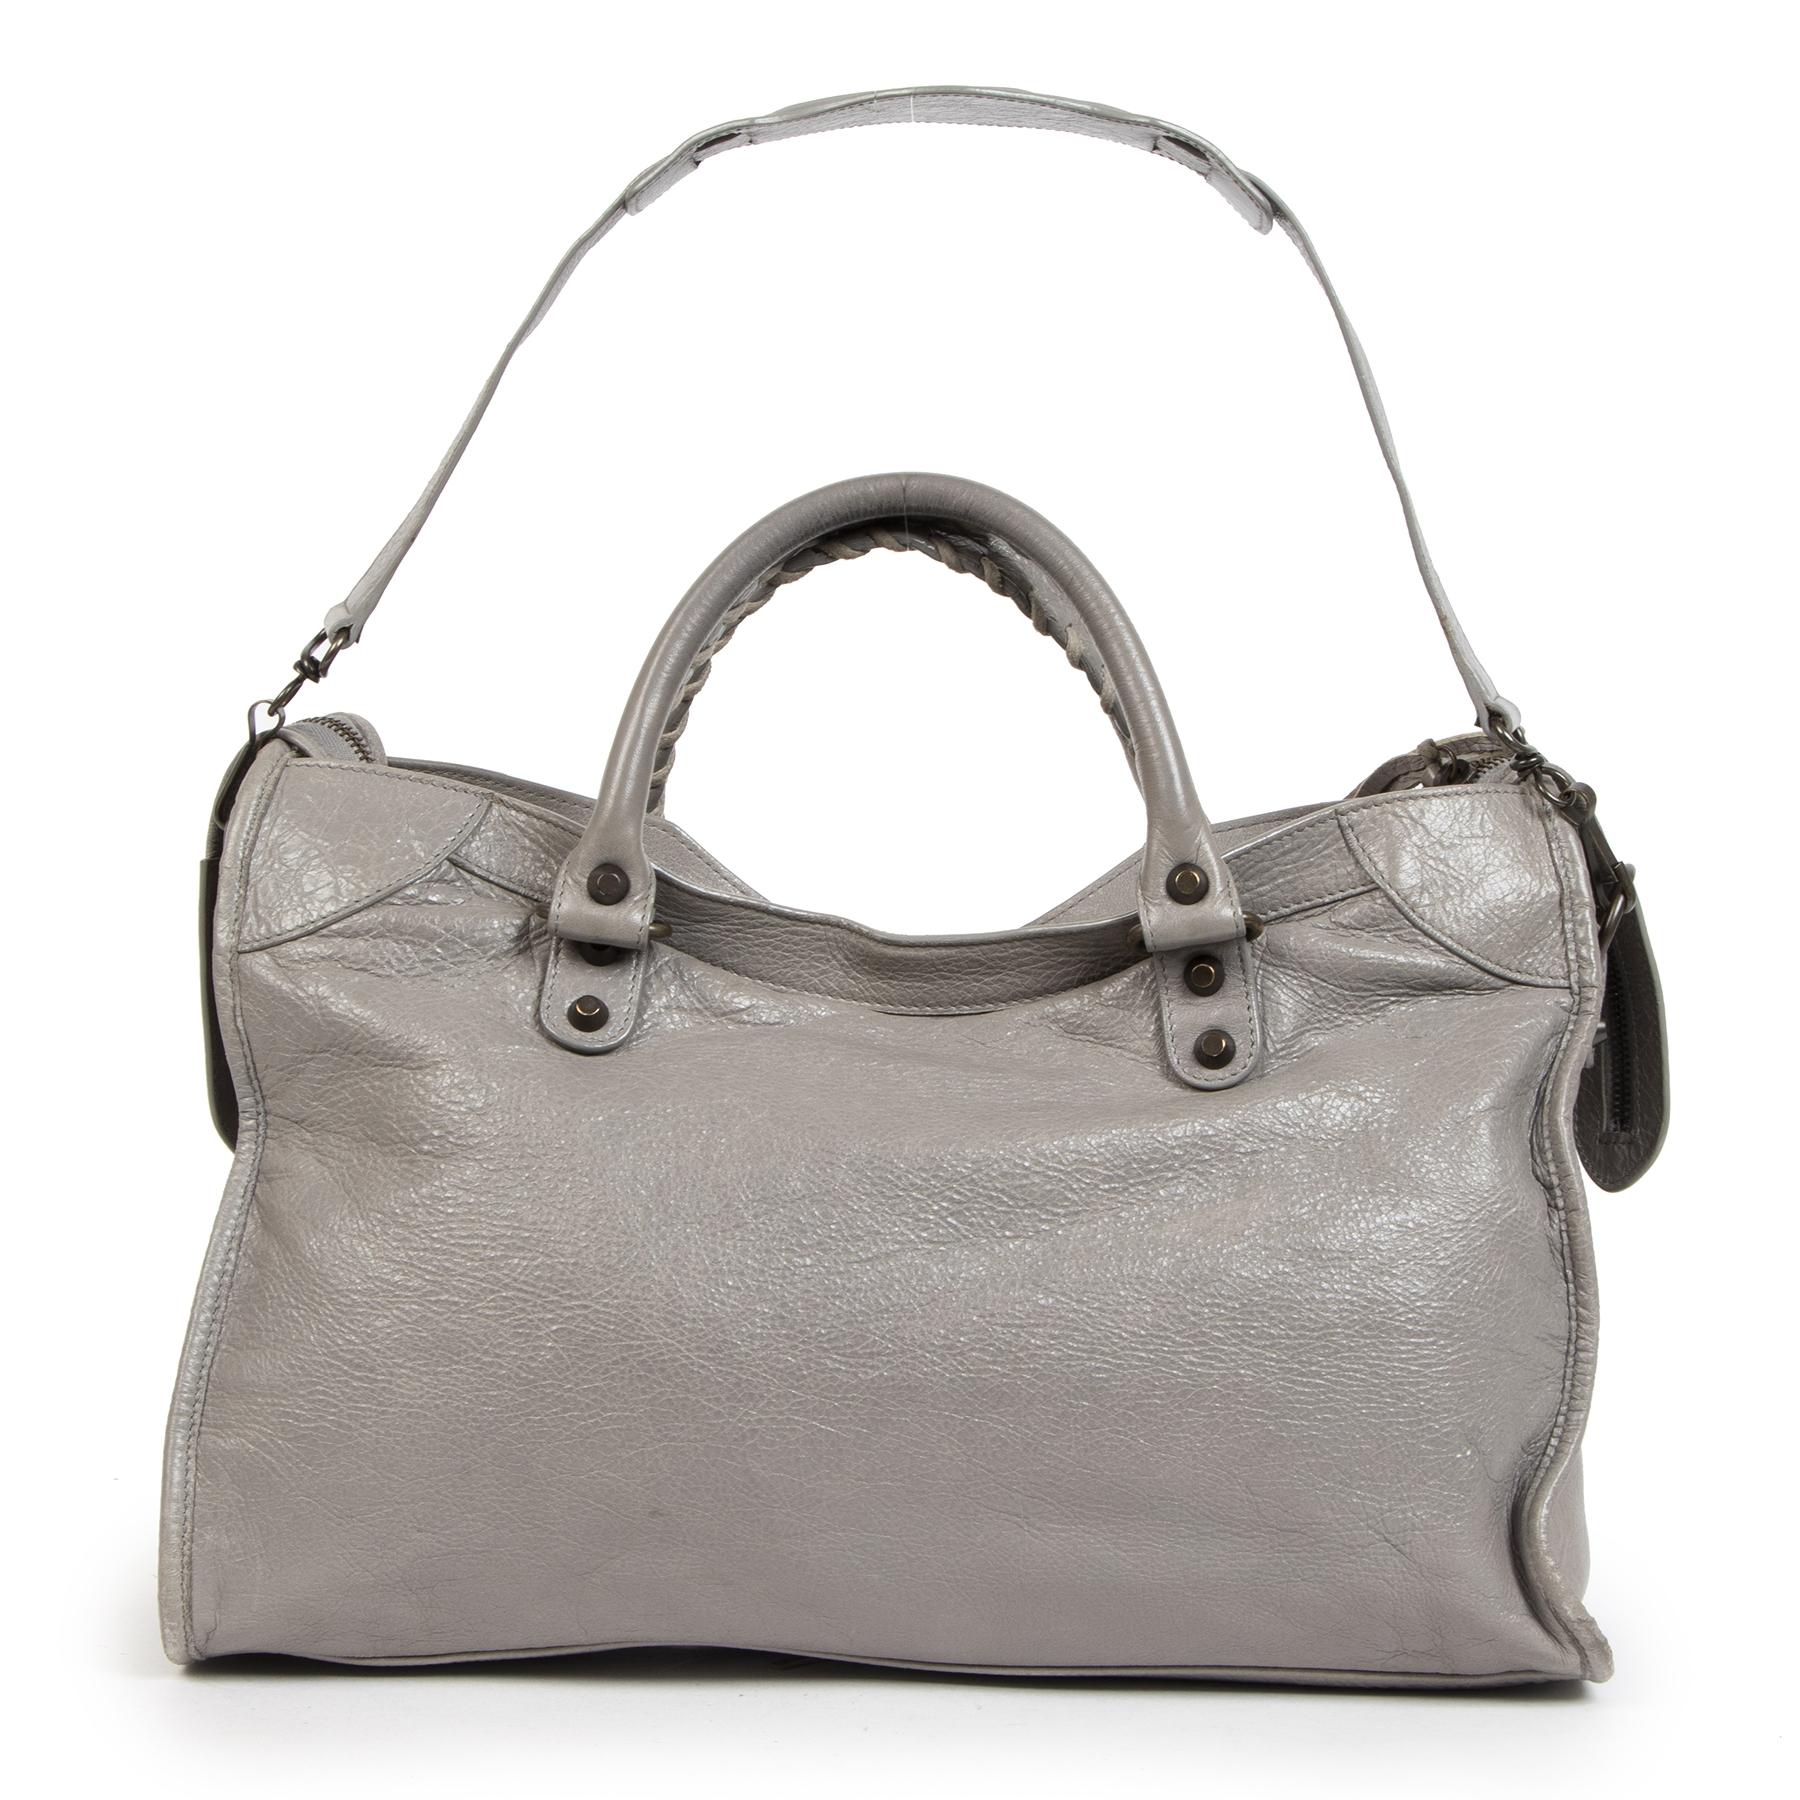 Authentieke tweedehands Balenciaga grijze lederen tassen koop cadeaus tegen de juiste prijs veilig online winkelen LabelLOV webshop luxe merken winkelen Antwerpen België mode